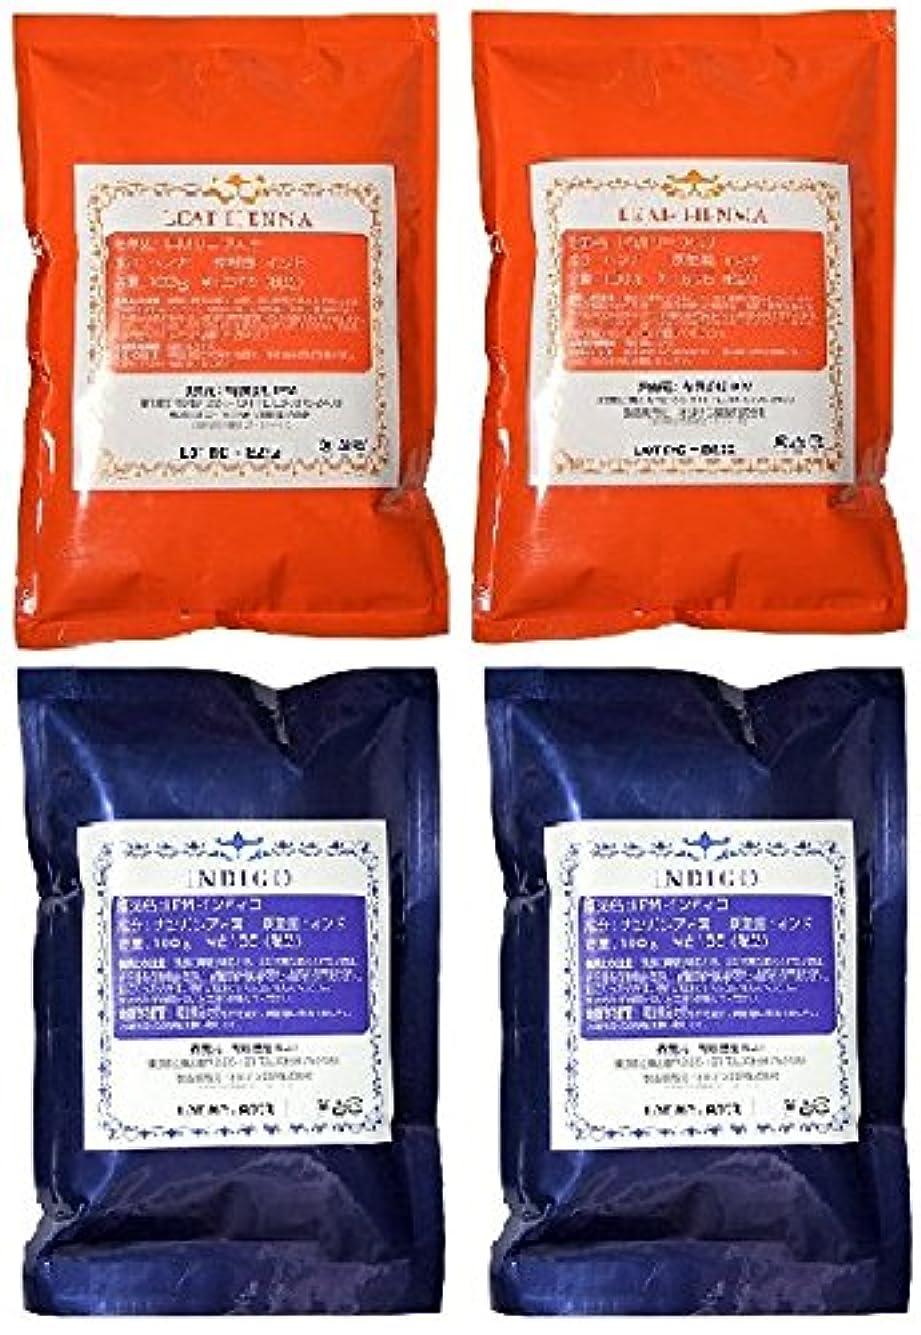 健全親指純粋なI.P.Mリーフヘナ&インディゴ(天然染料100%) 4個セット 400g